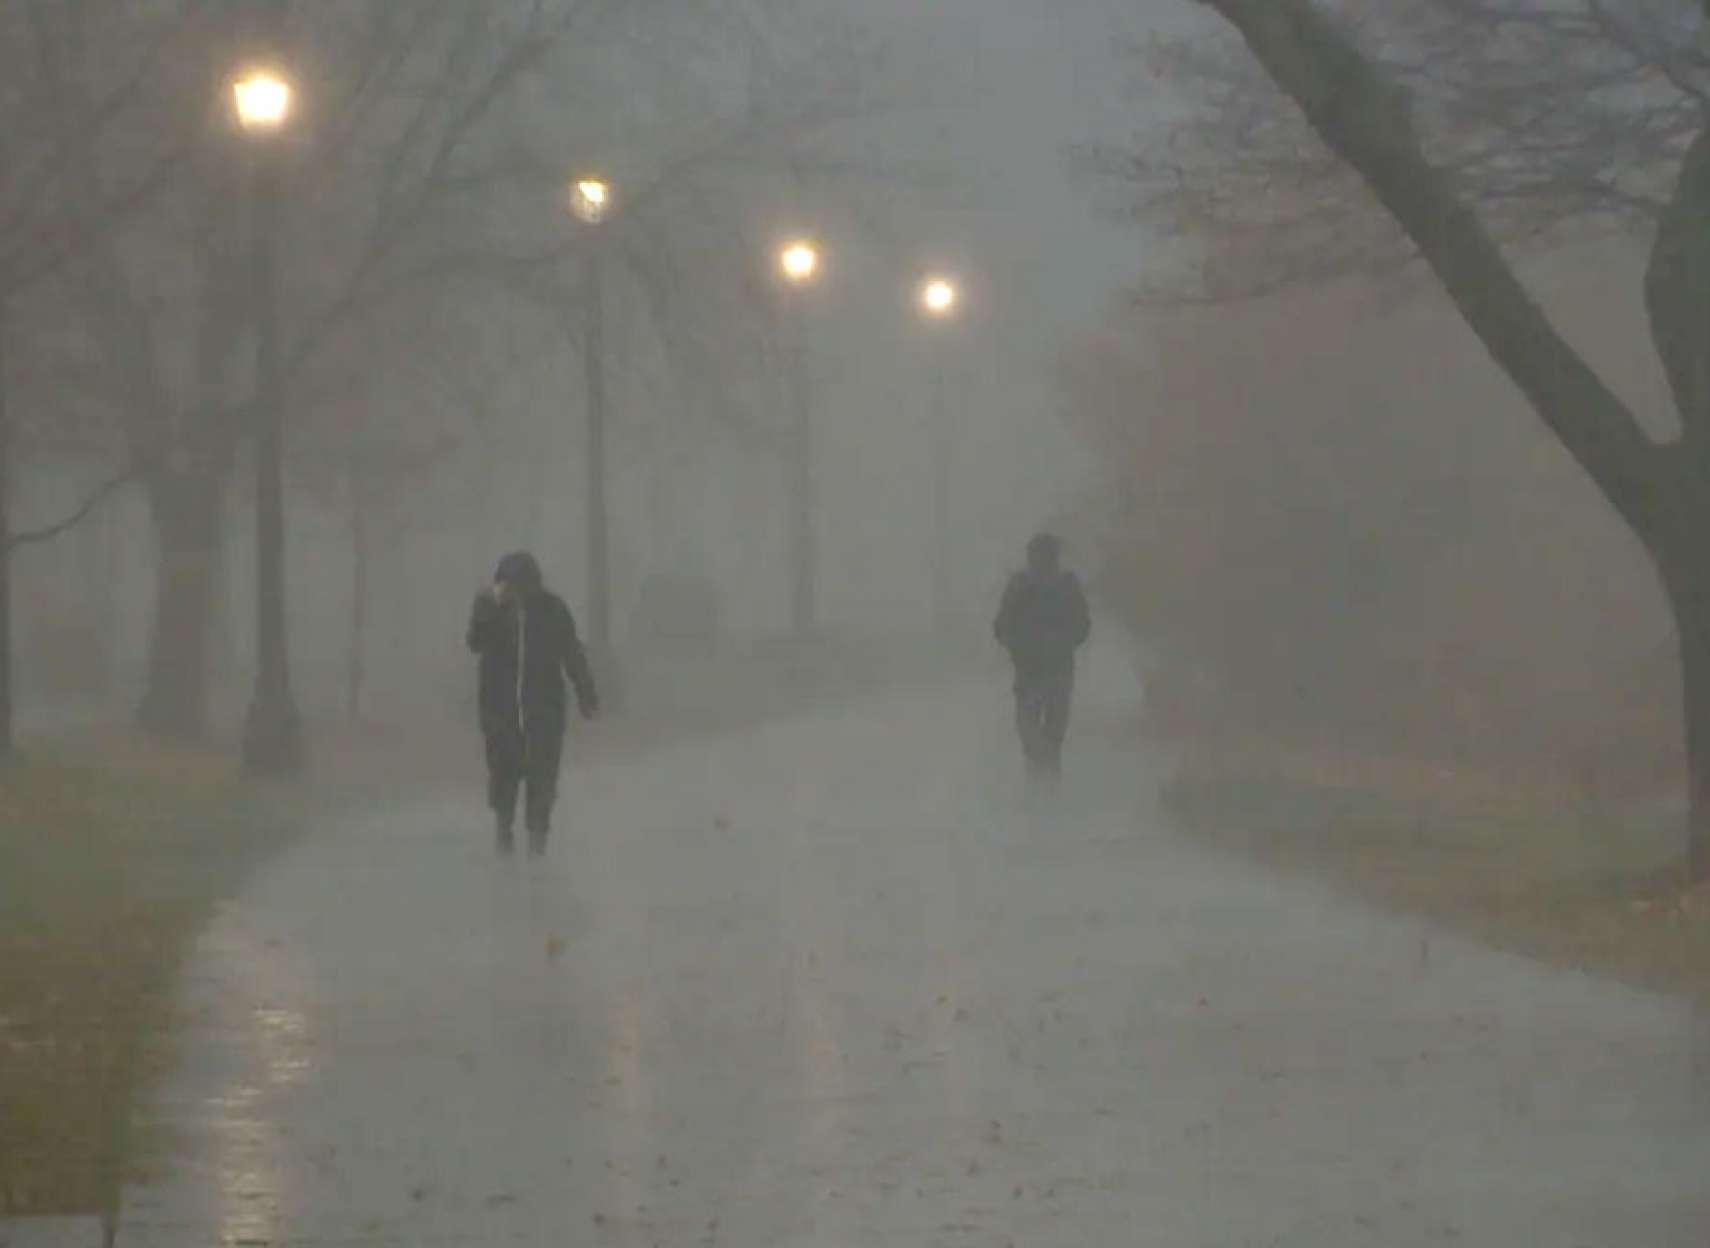 اخبار-تورنتو-باد-شدید-و-قطعی-برق-در-تورنتو-و-مونترال-۲۵-سانت-برف-در-کبک